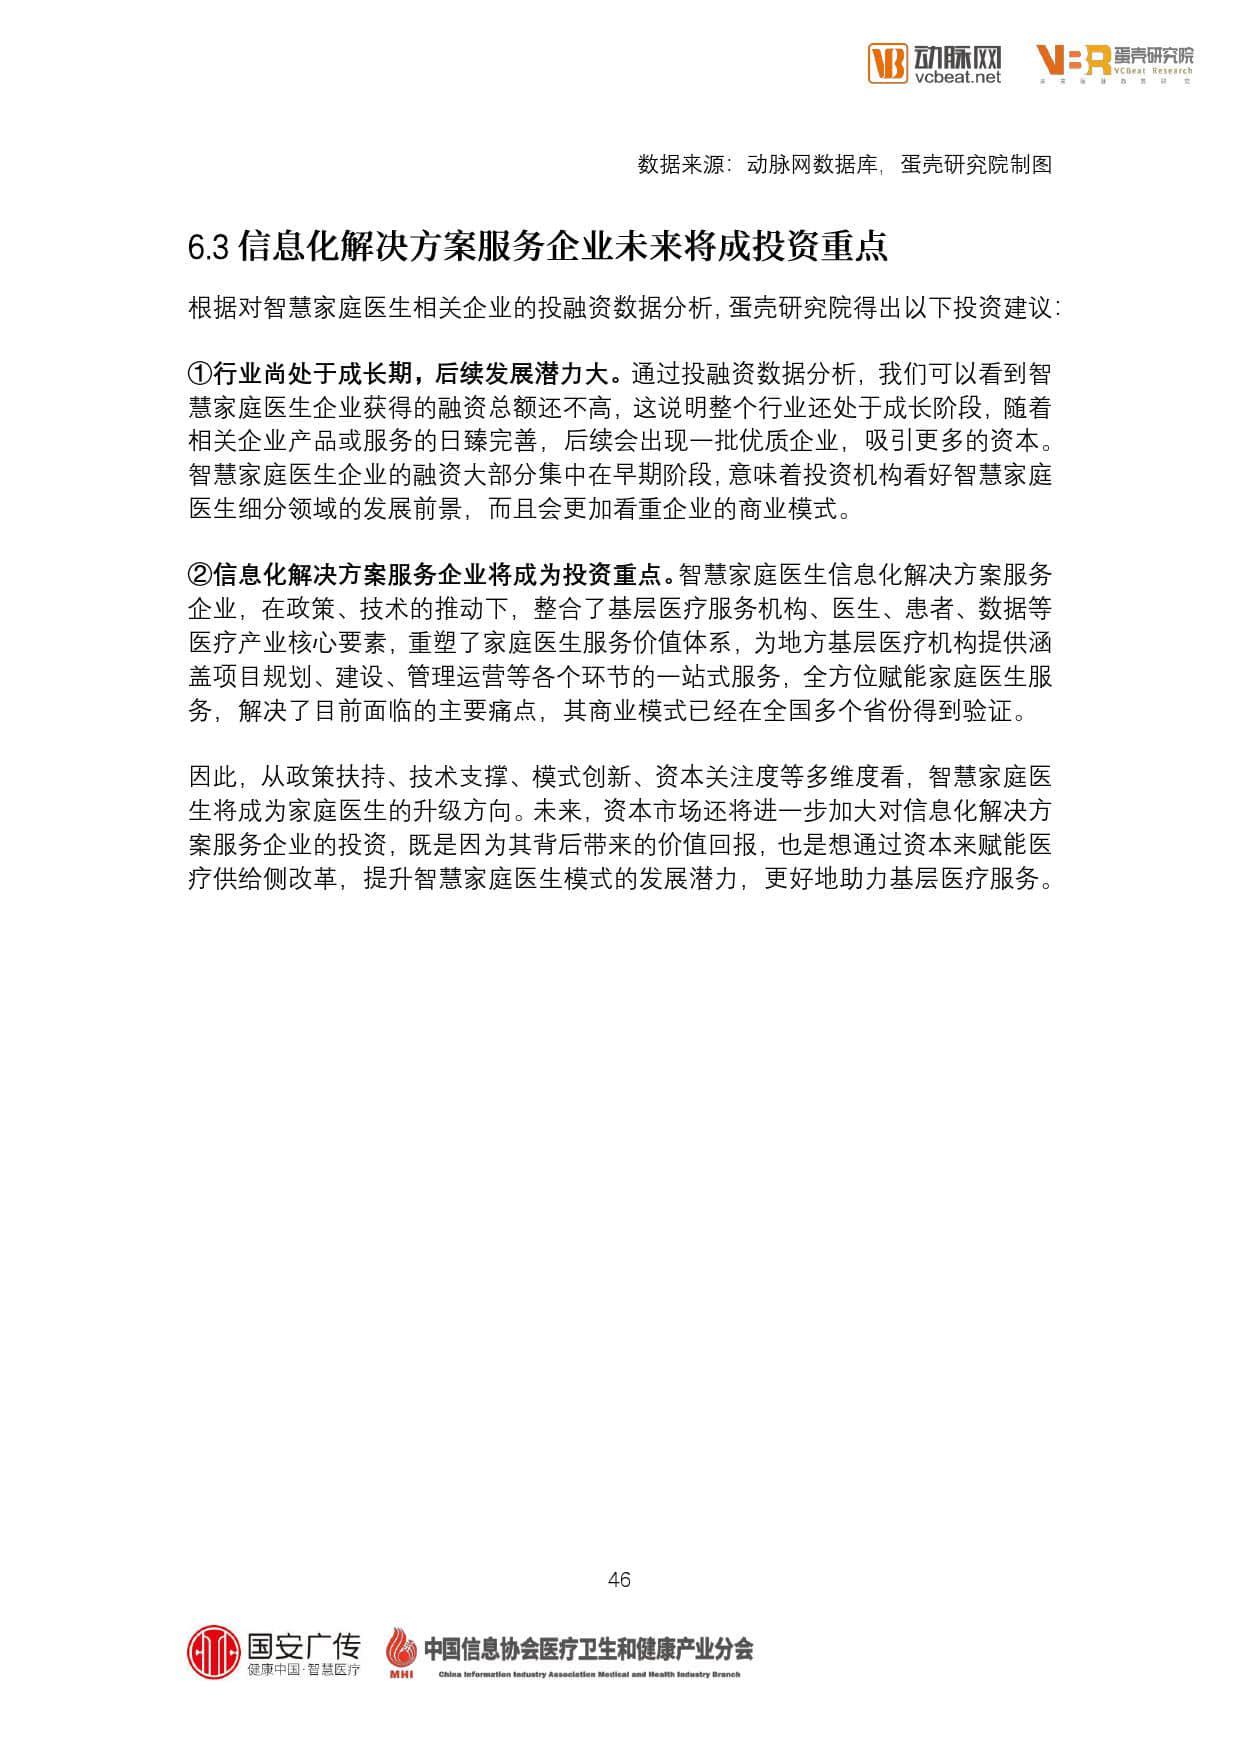 蛋壳研究院:数字化驱动下的智慧家庭医生服务报告(199it)